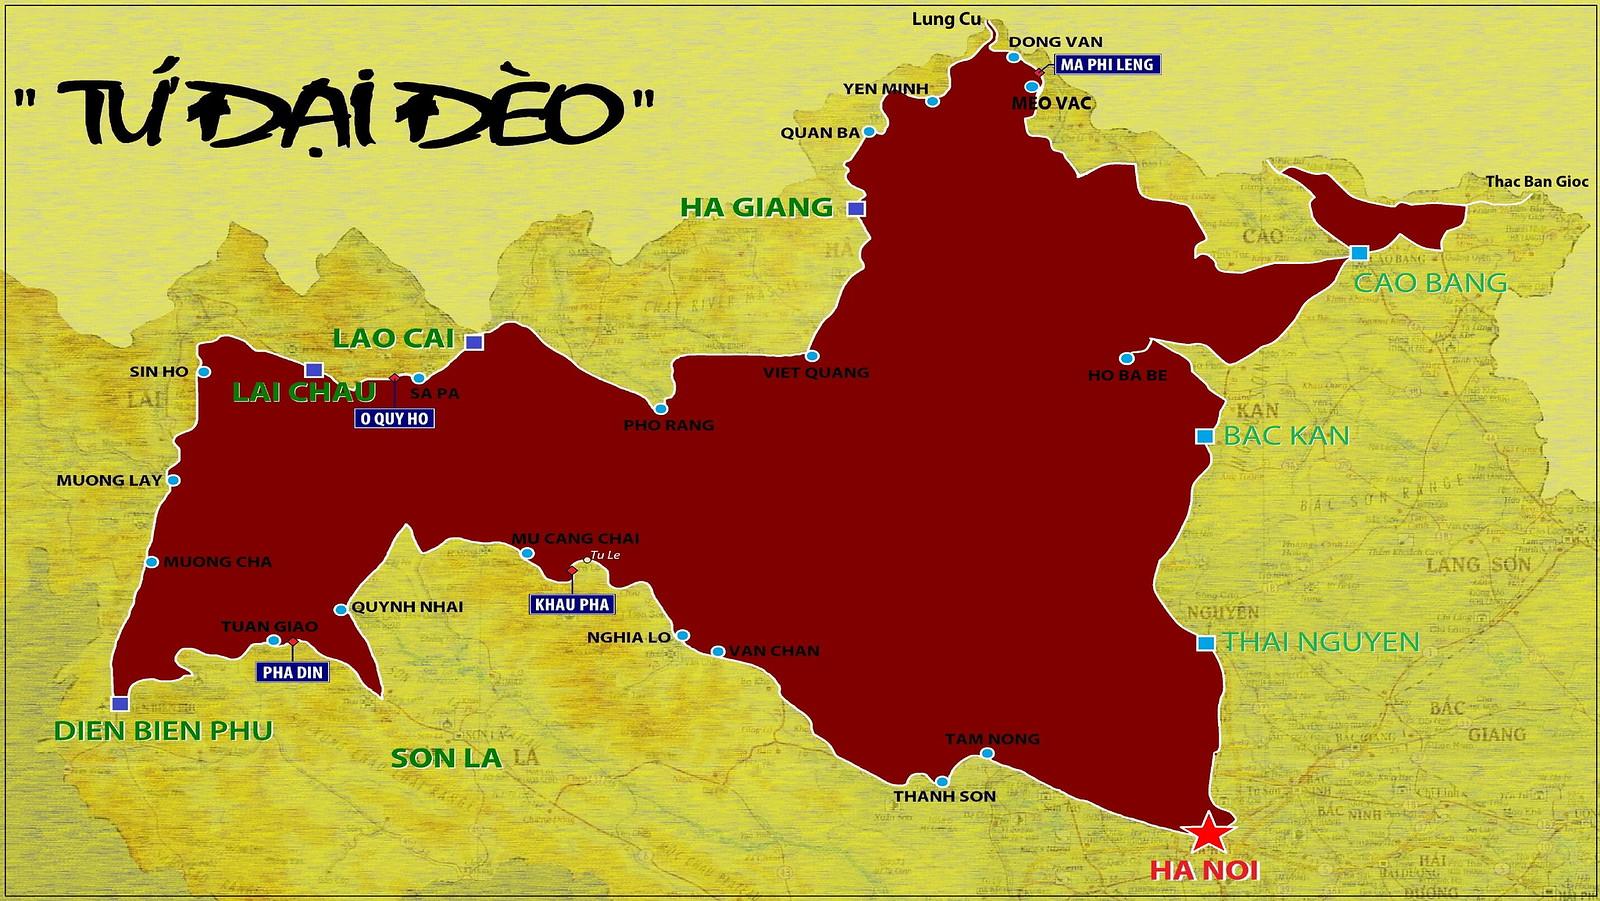 TU DAI DANH DEO - 23 | by ttngocduy@YAHOO,COM